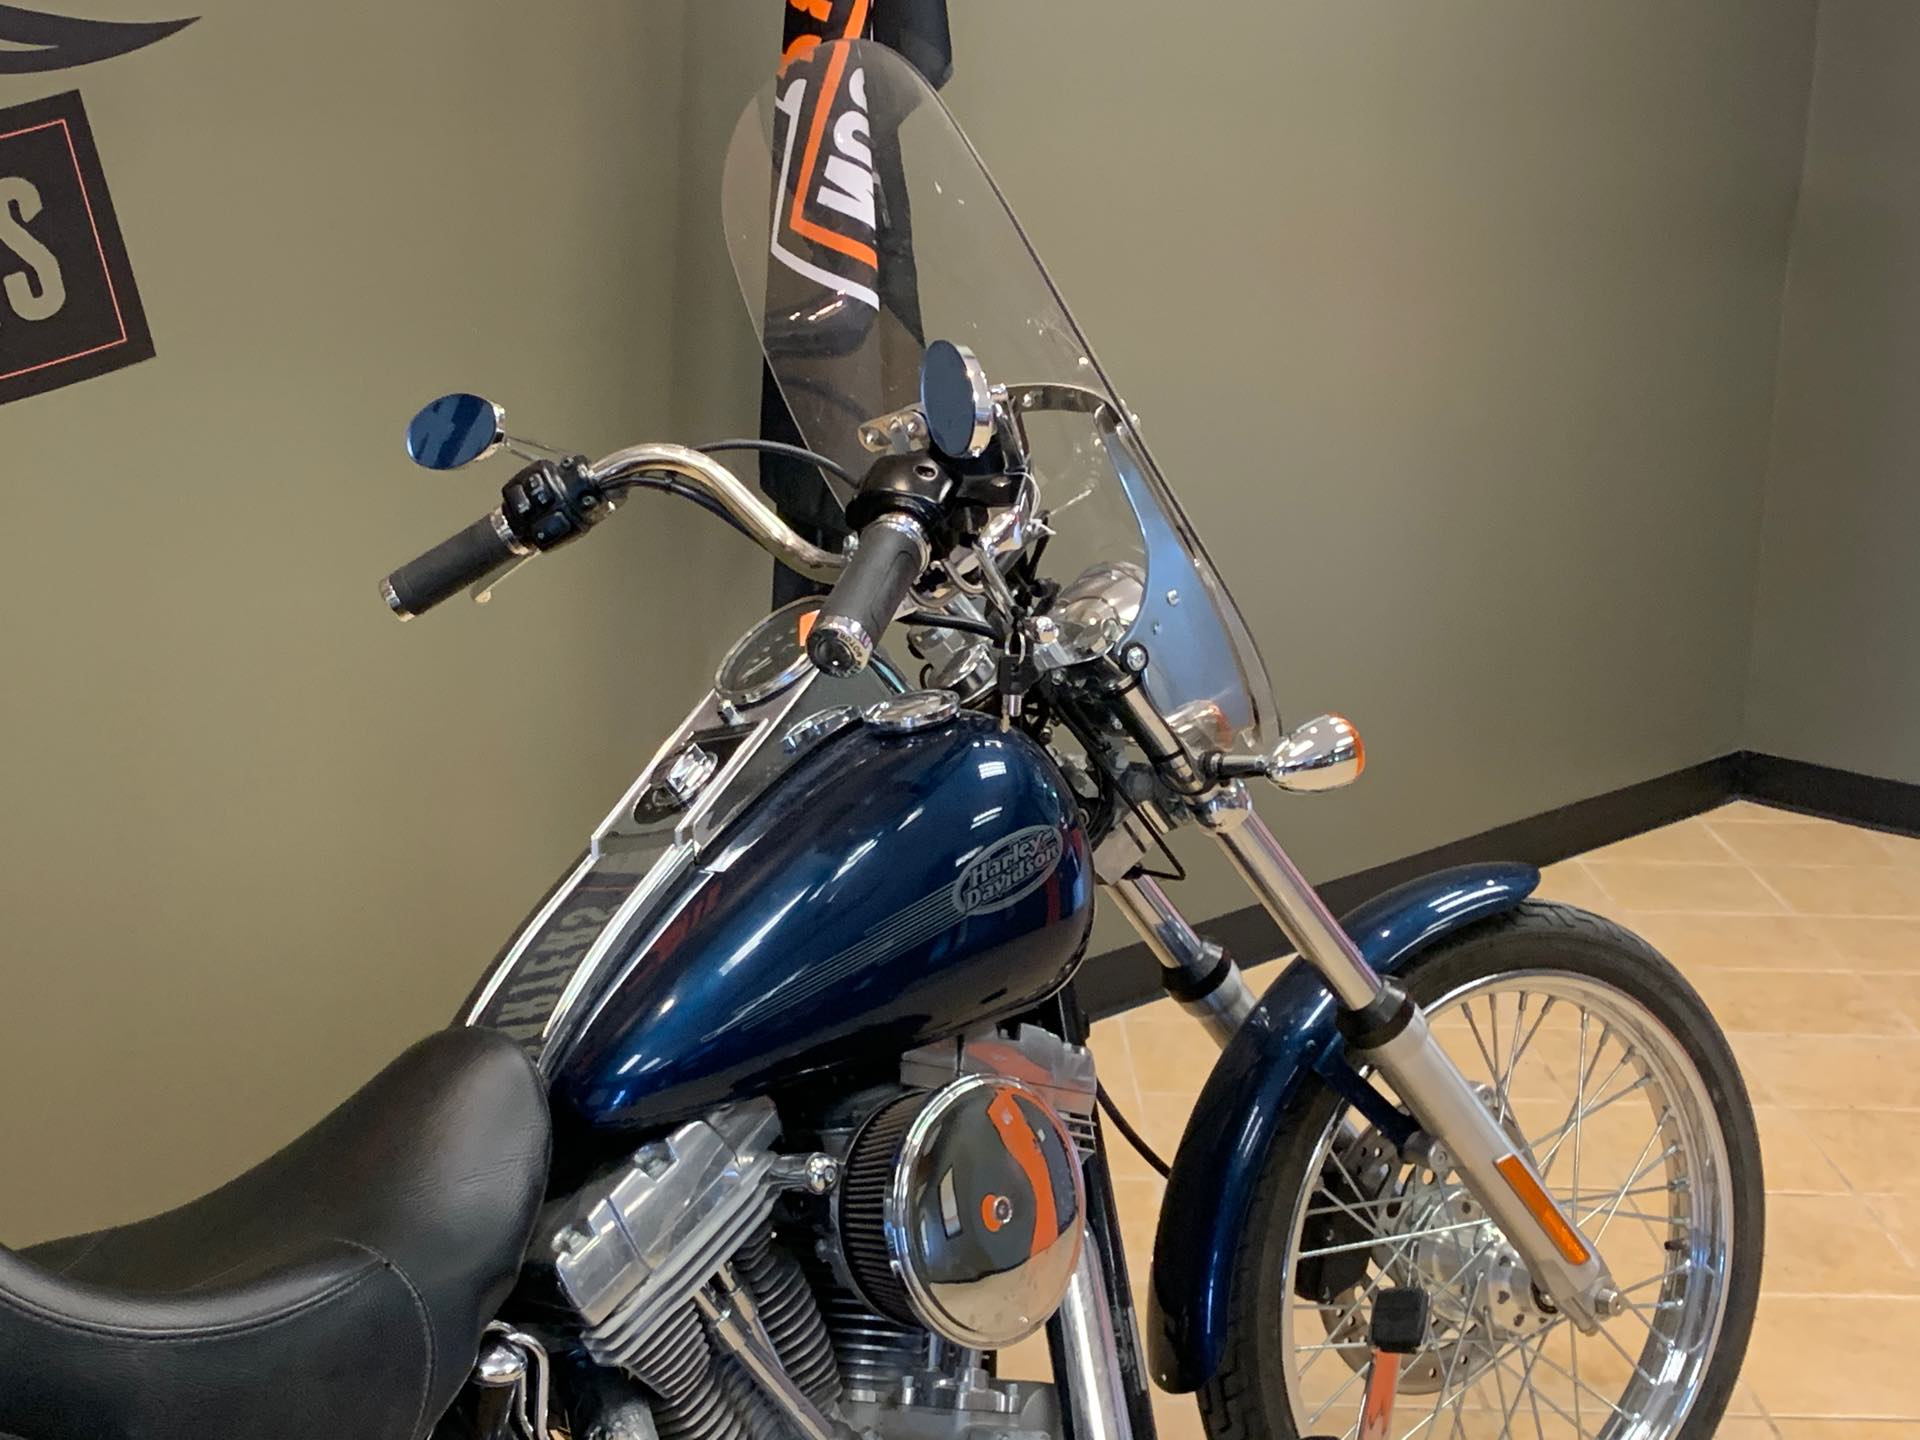 2002 HARLEY-DAVIDSON FXST at Loess Hills Harley-Davidson